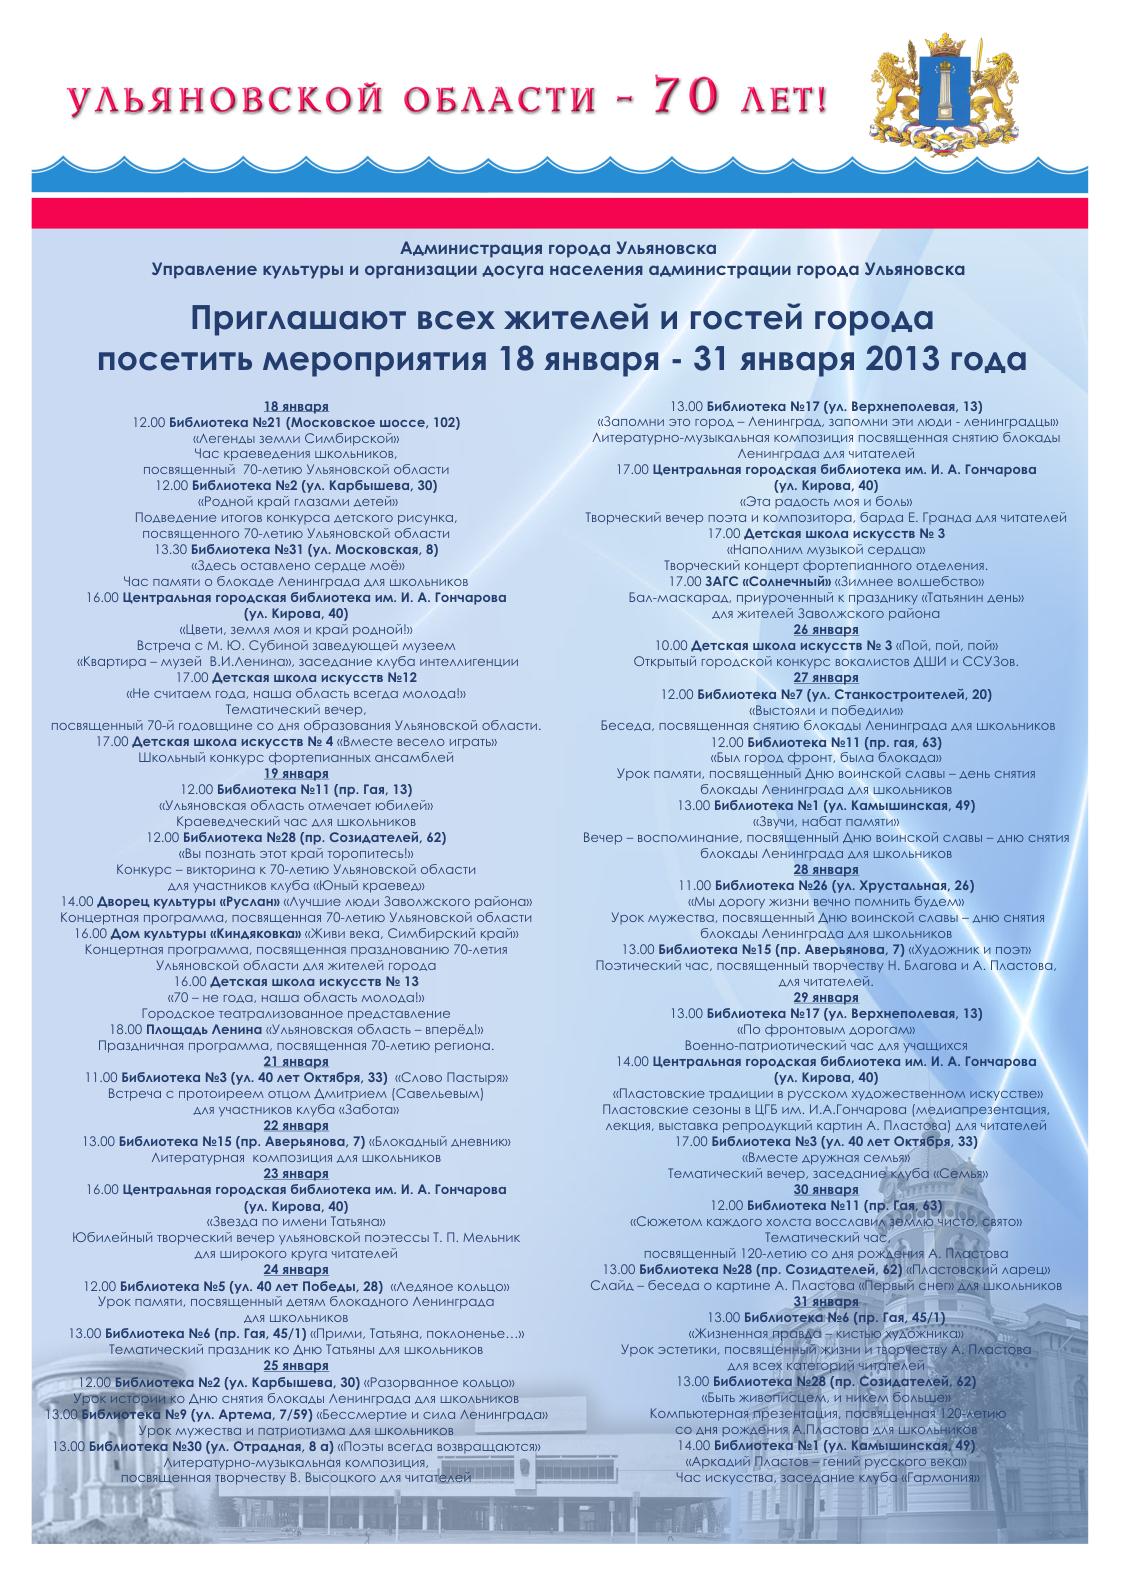 Афишы культурных событий на декабрь 2012 года и январь 2013 года